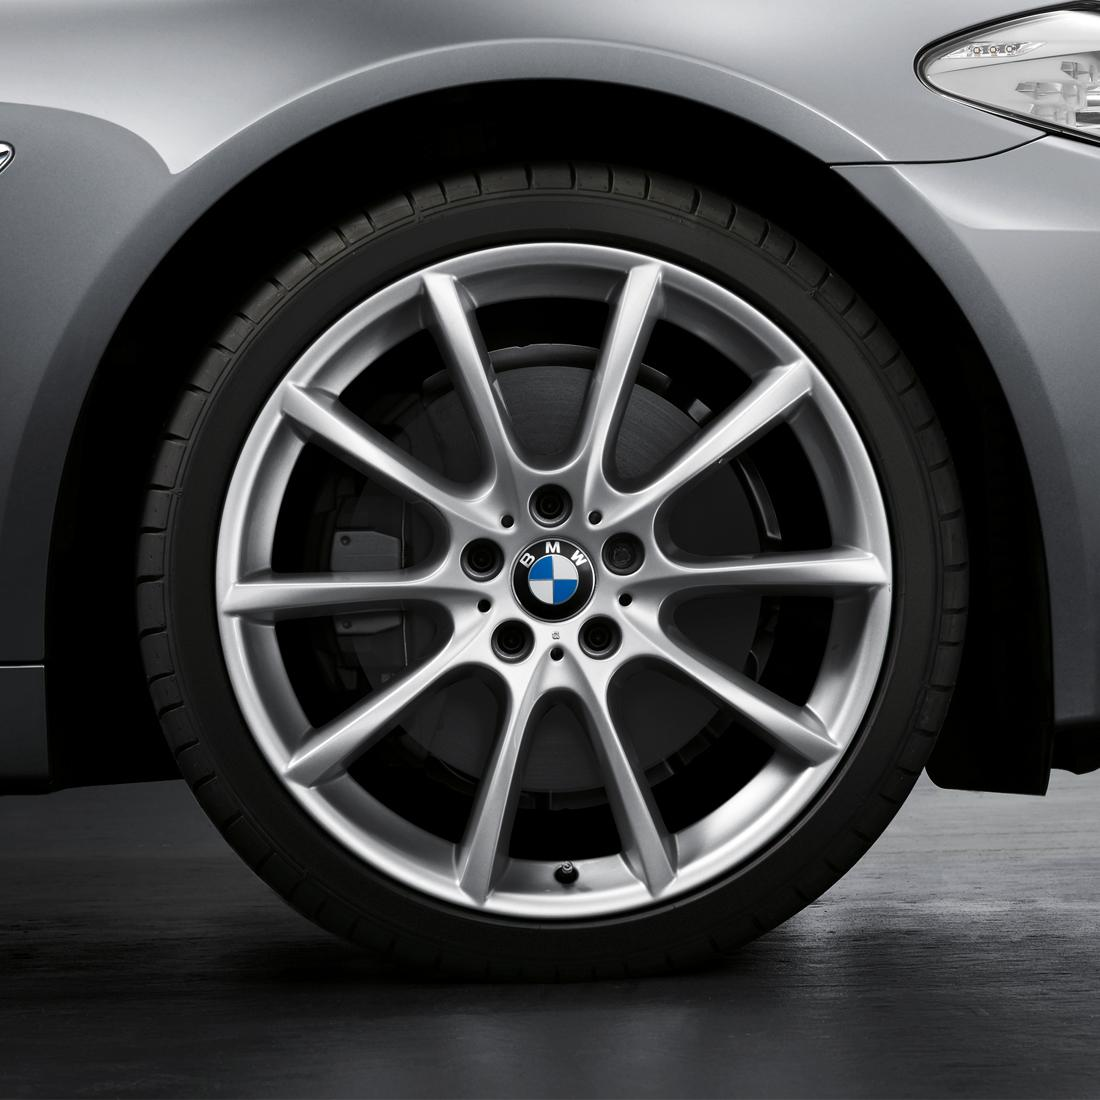 ShopBMWUSA.com: BMW V SPOKE 281 18 INCH INDIVIDUAL RIMS